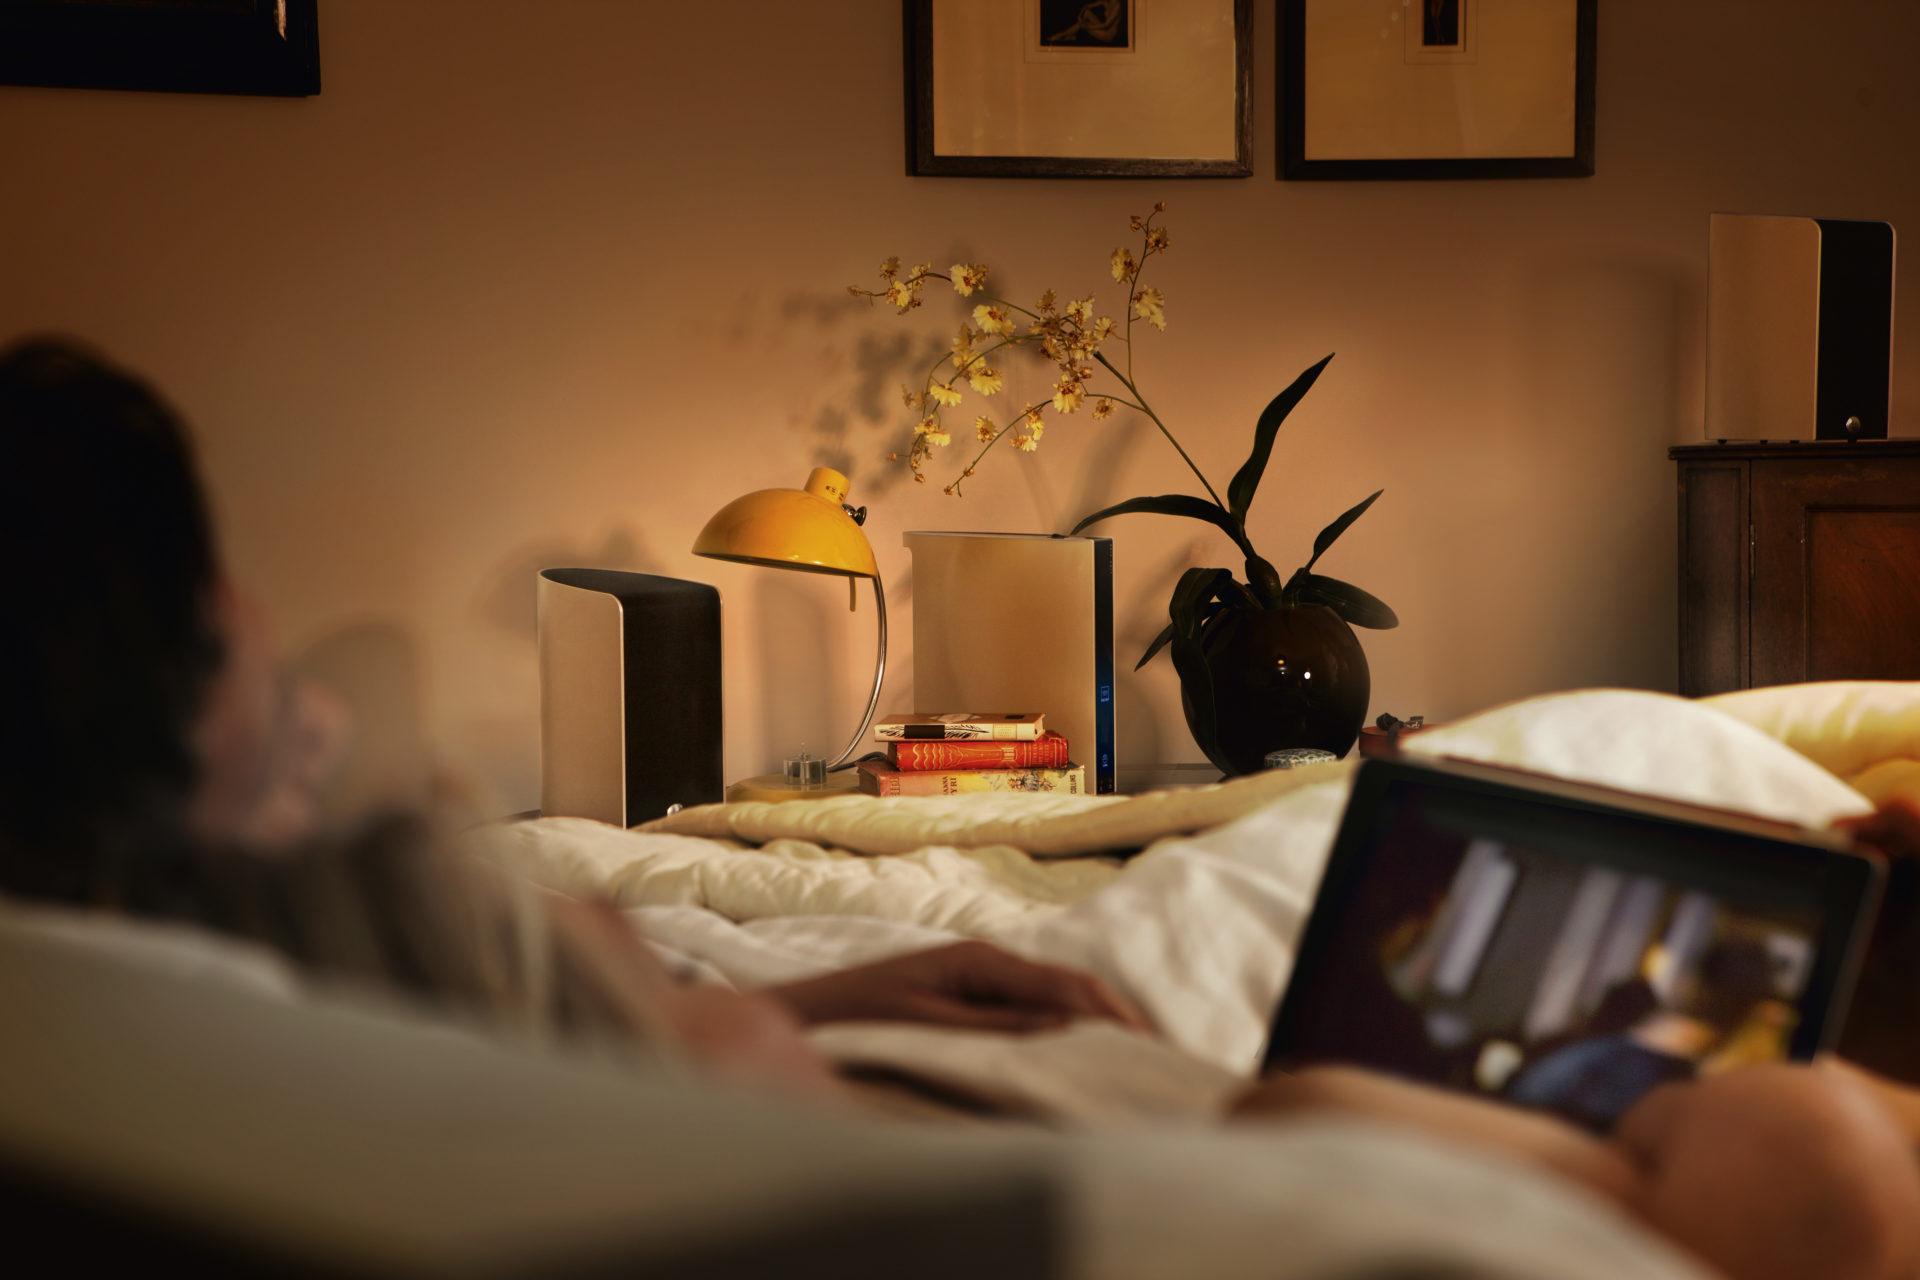 Kiko_bedroom_wide_RGB_72dpi